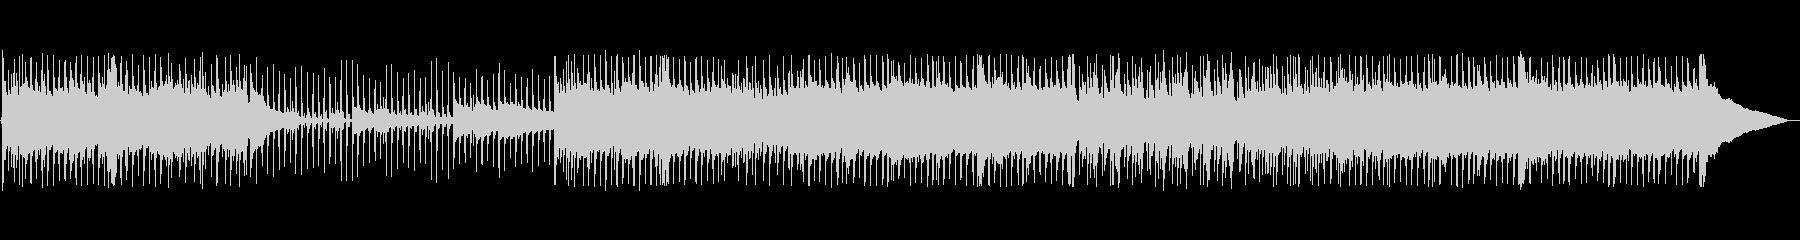 レトロな人々は、静かなスチールギタ...の未再生の波形